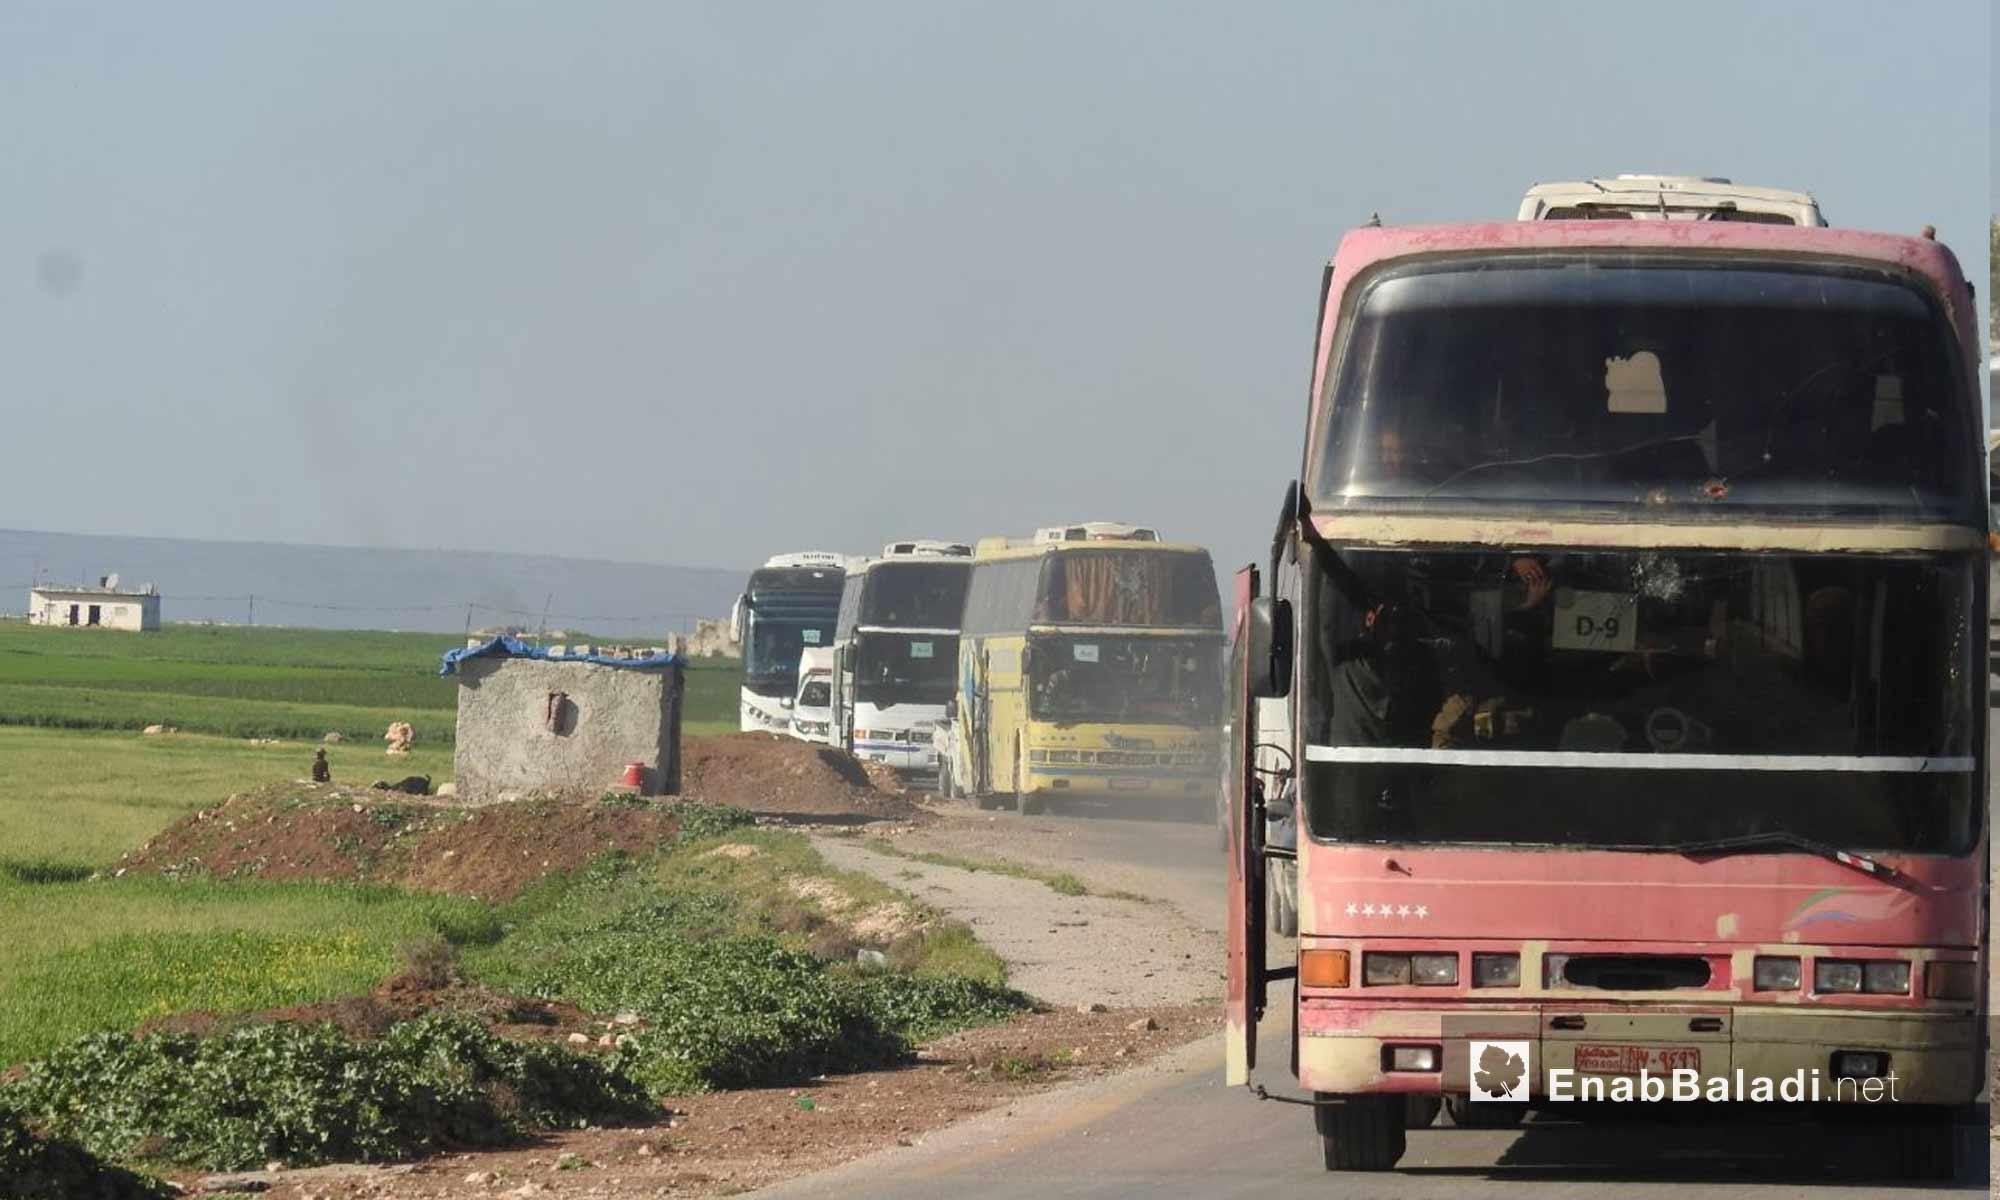 قافلة الدفعة الثالثة من دوما تصل ريف حلب الشمالي - 5 من نيسان 2018 (عنب بلدي)